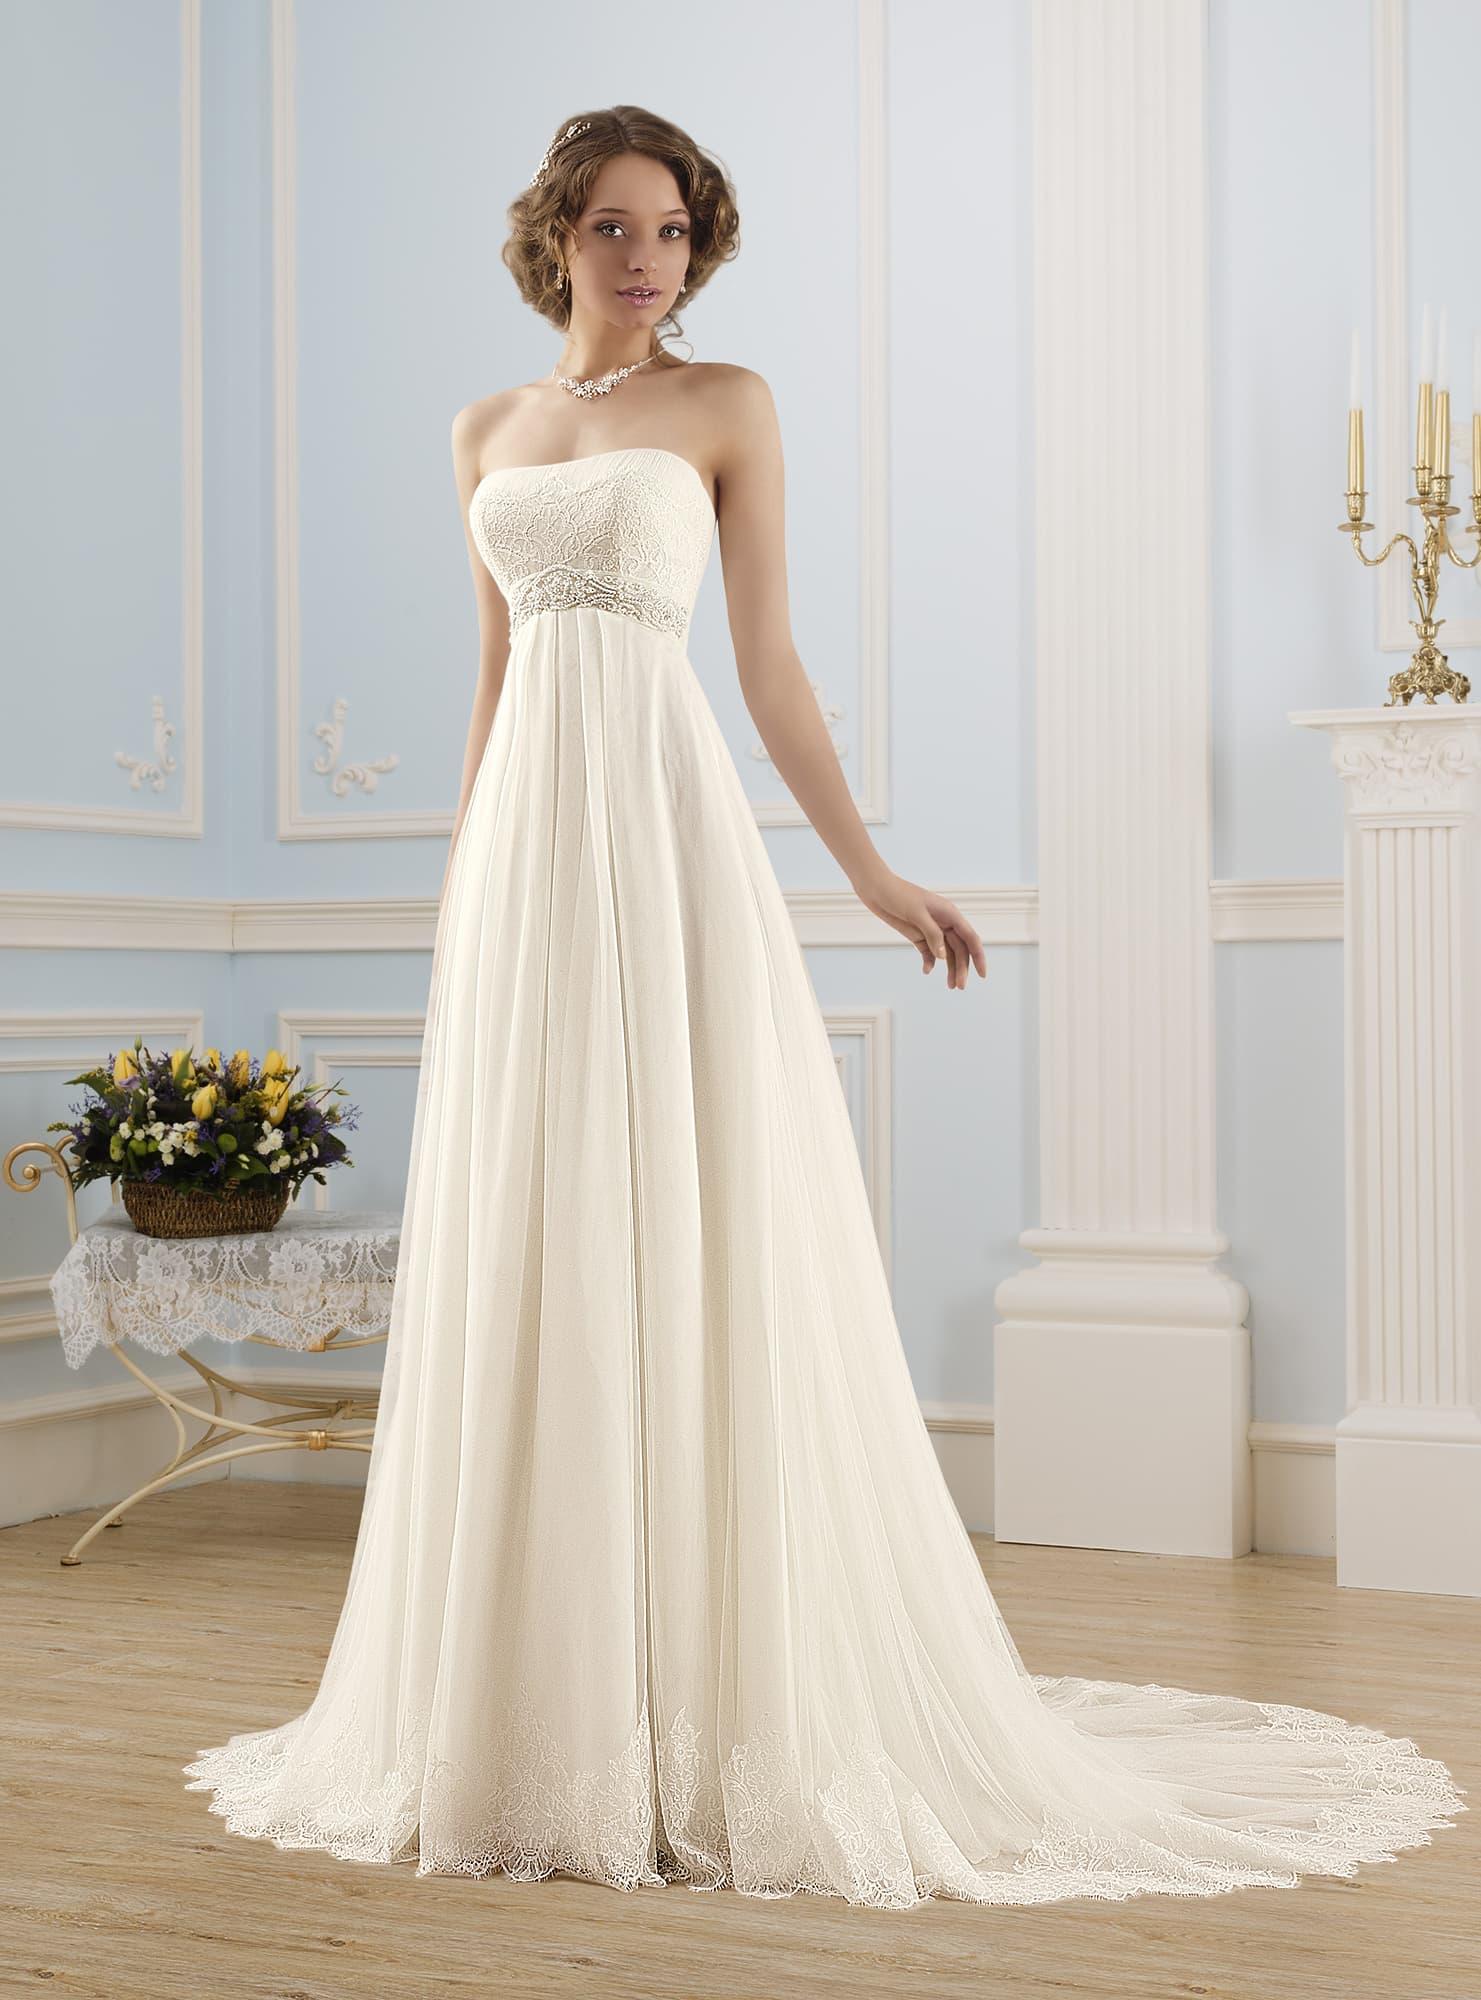 86ac40195577c1d Свадебное платье ампирного силуэта с прямым лифом, украшенным кружевом.